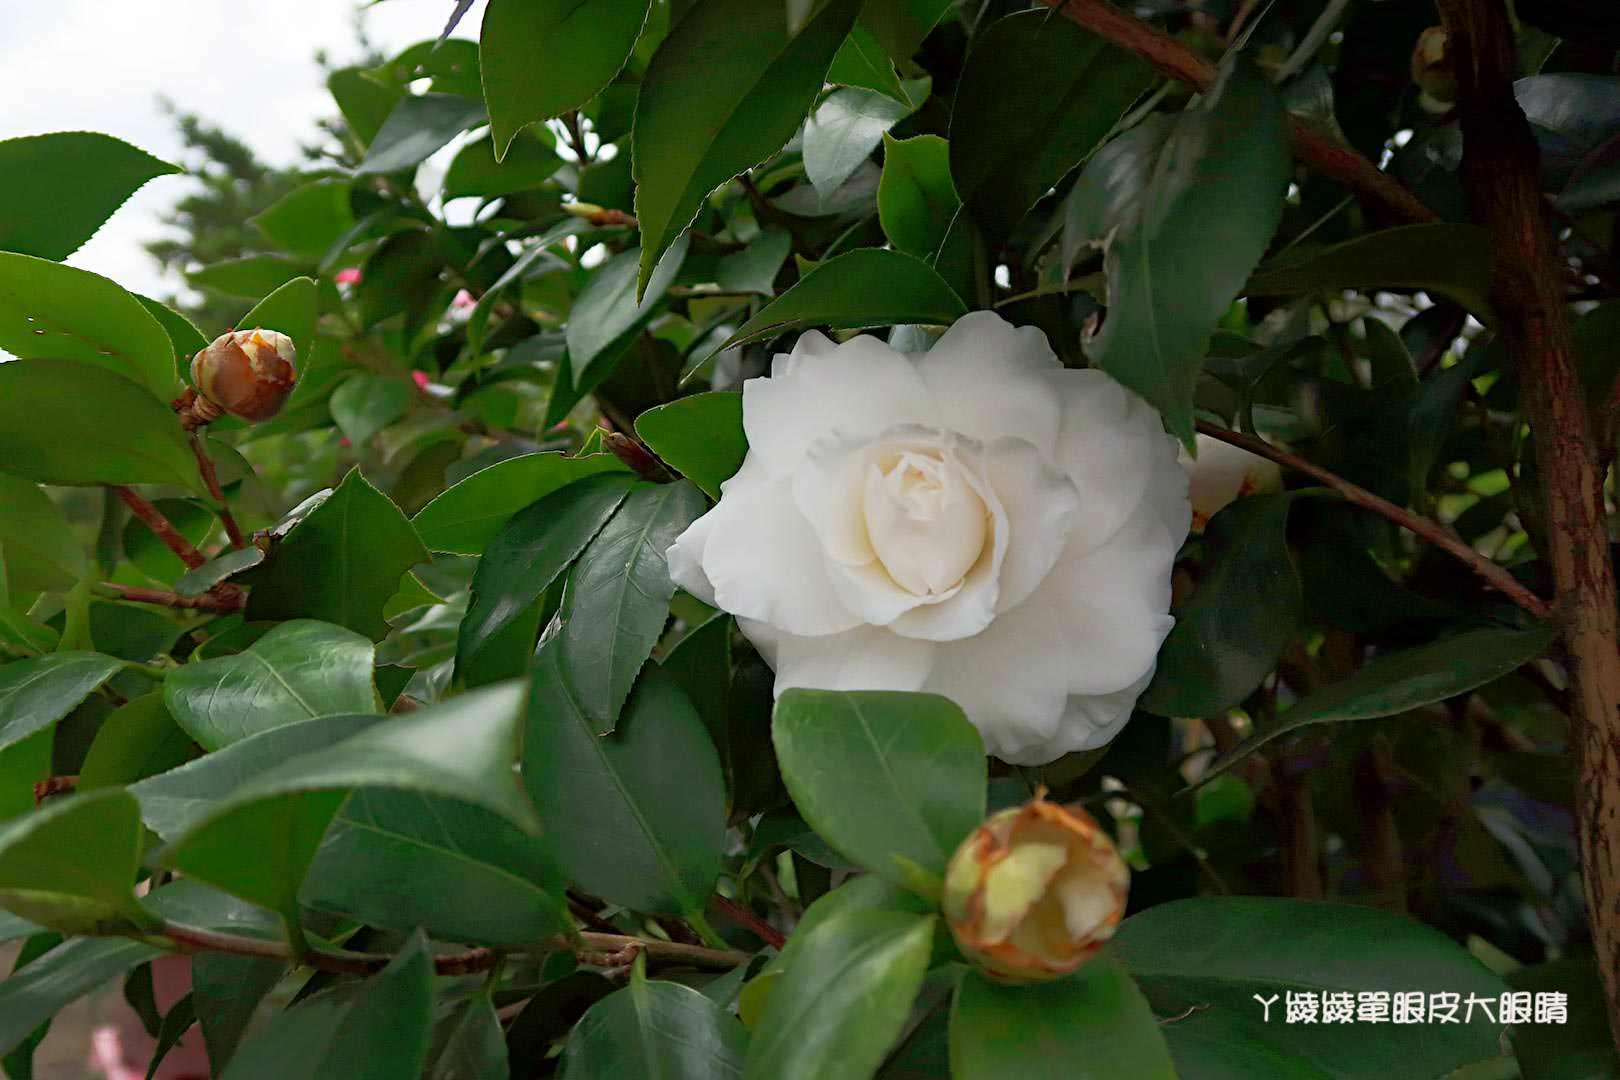 新竹旅遊景點|全國最大茶花展在新竹!《佳信茶花園》用心投入的在地花農